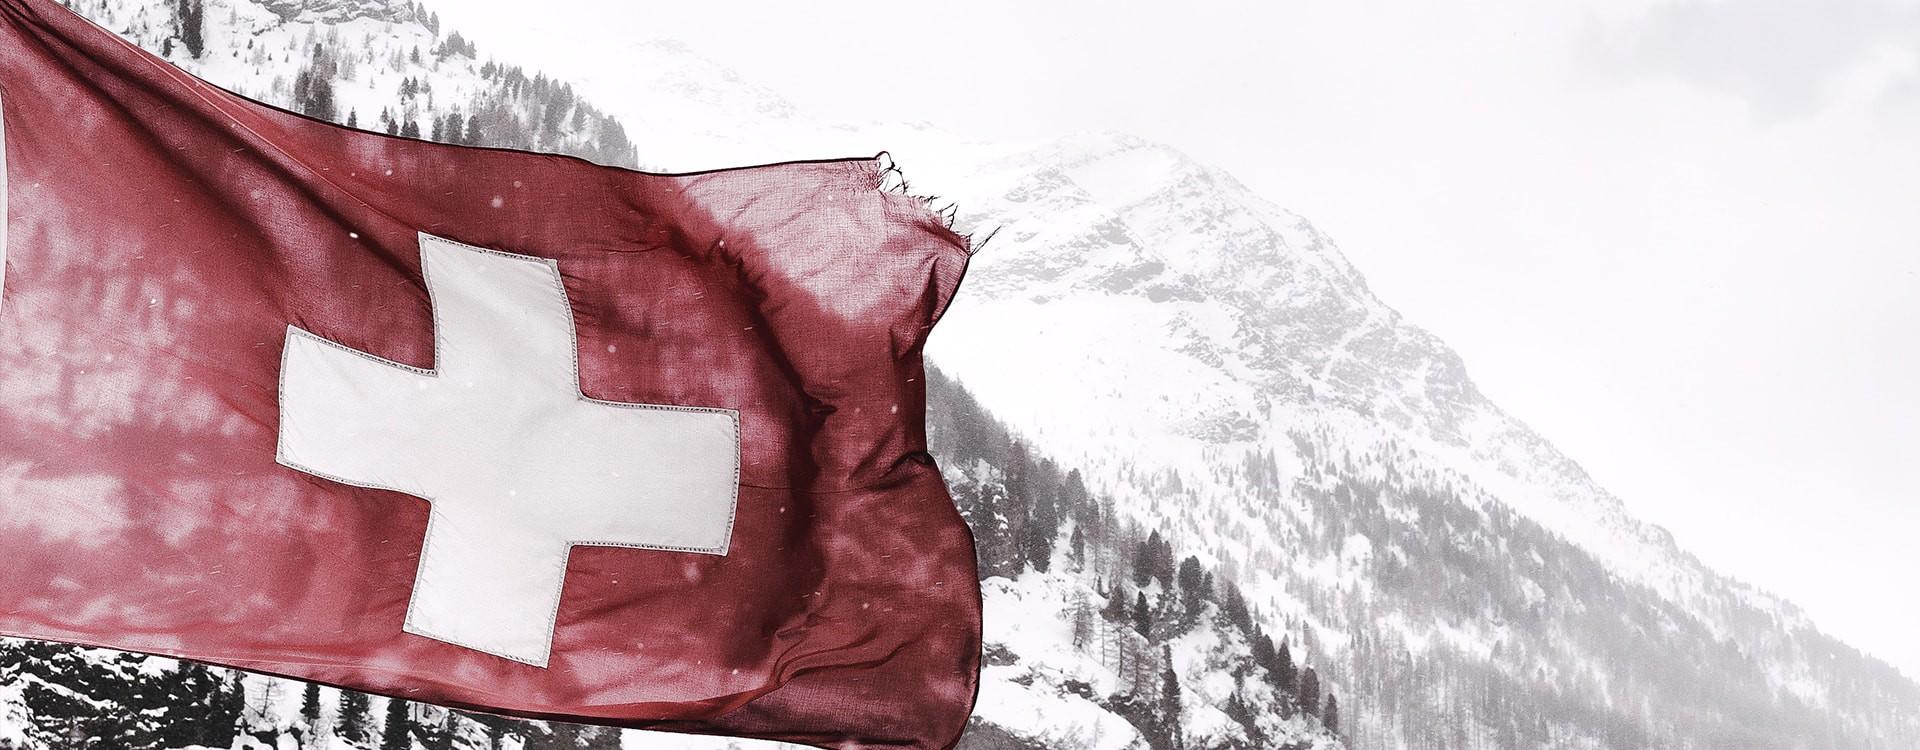 14 villes à découvrir en Suisse